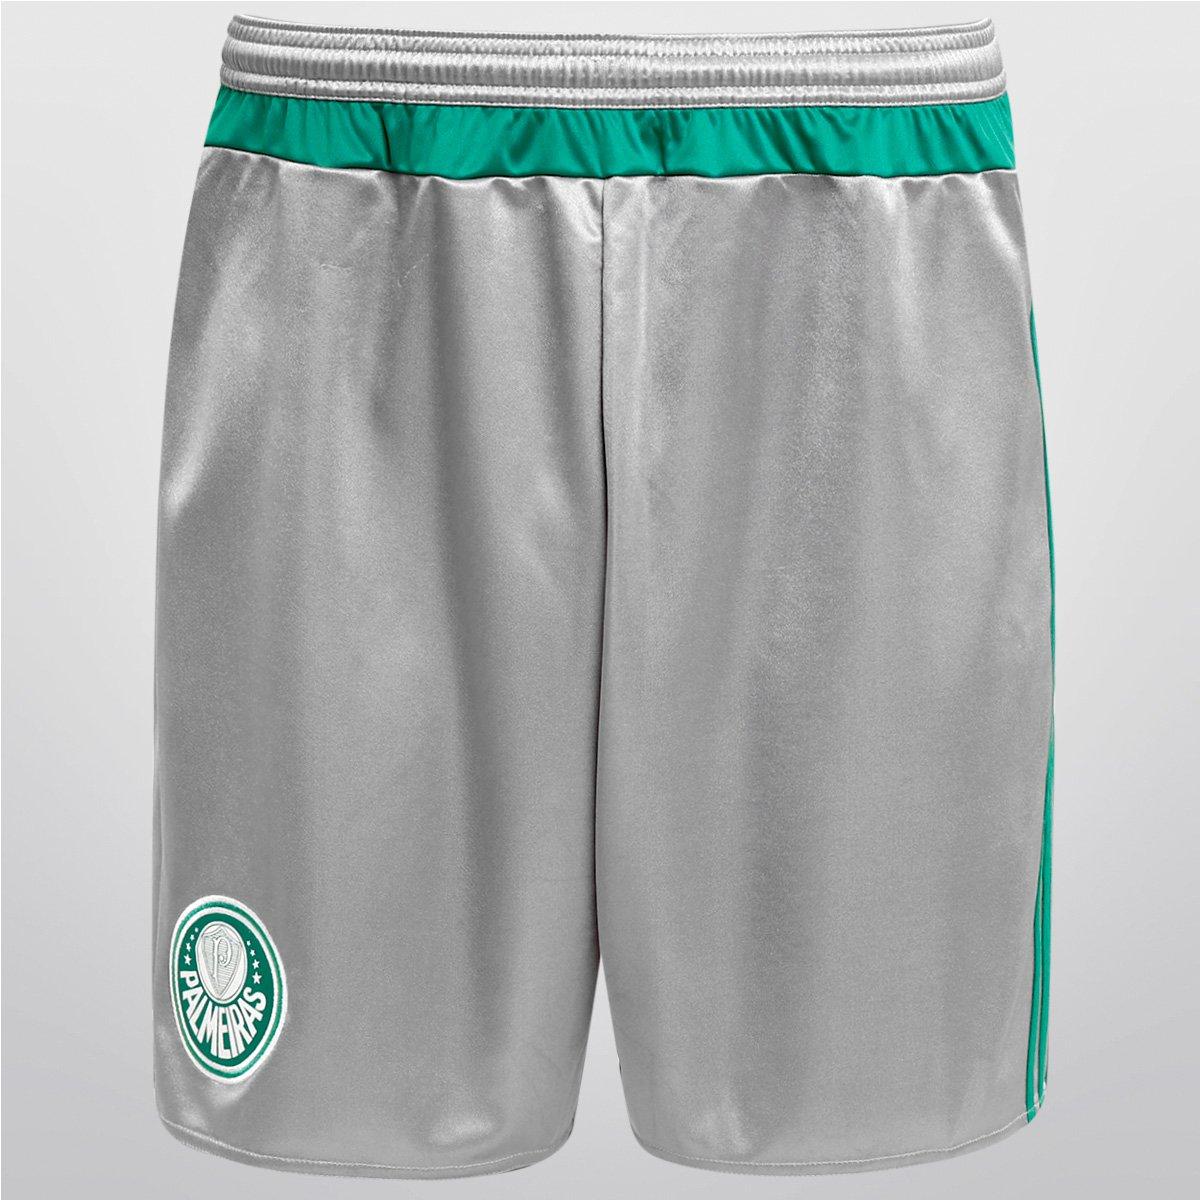 d41d915303 Calção Adidas Palmeiras 2015 - Compre Agora